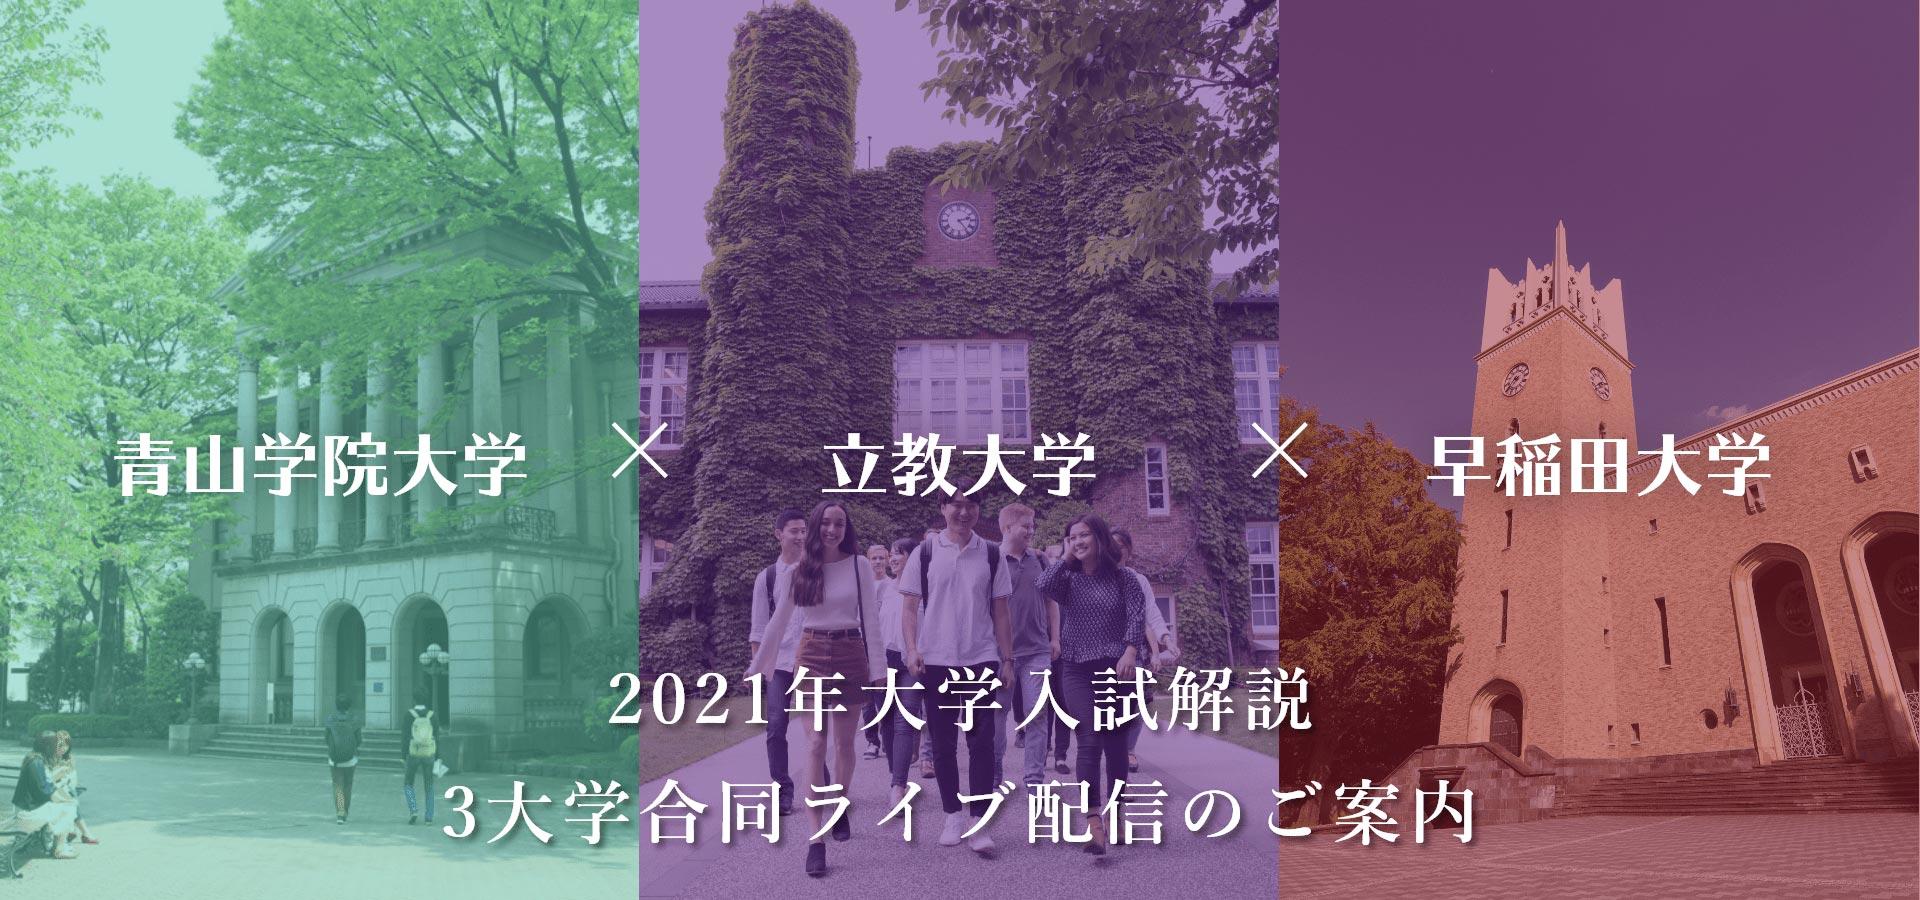 大学 入試 早稲田